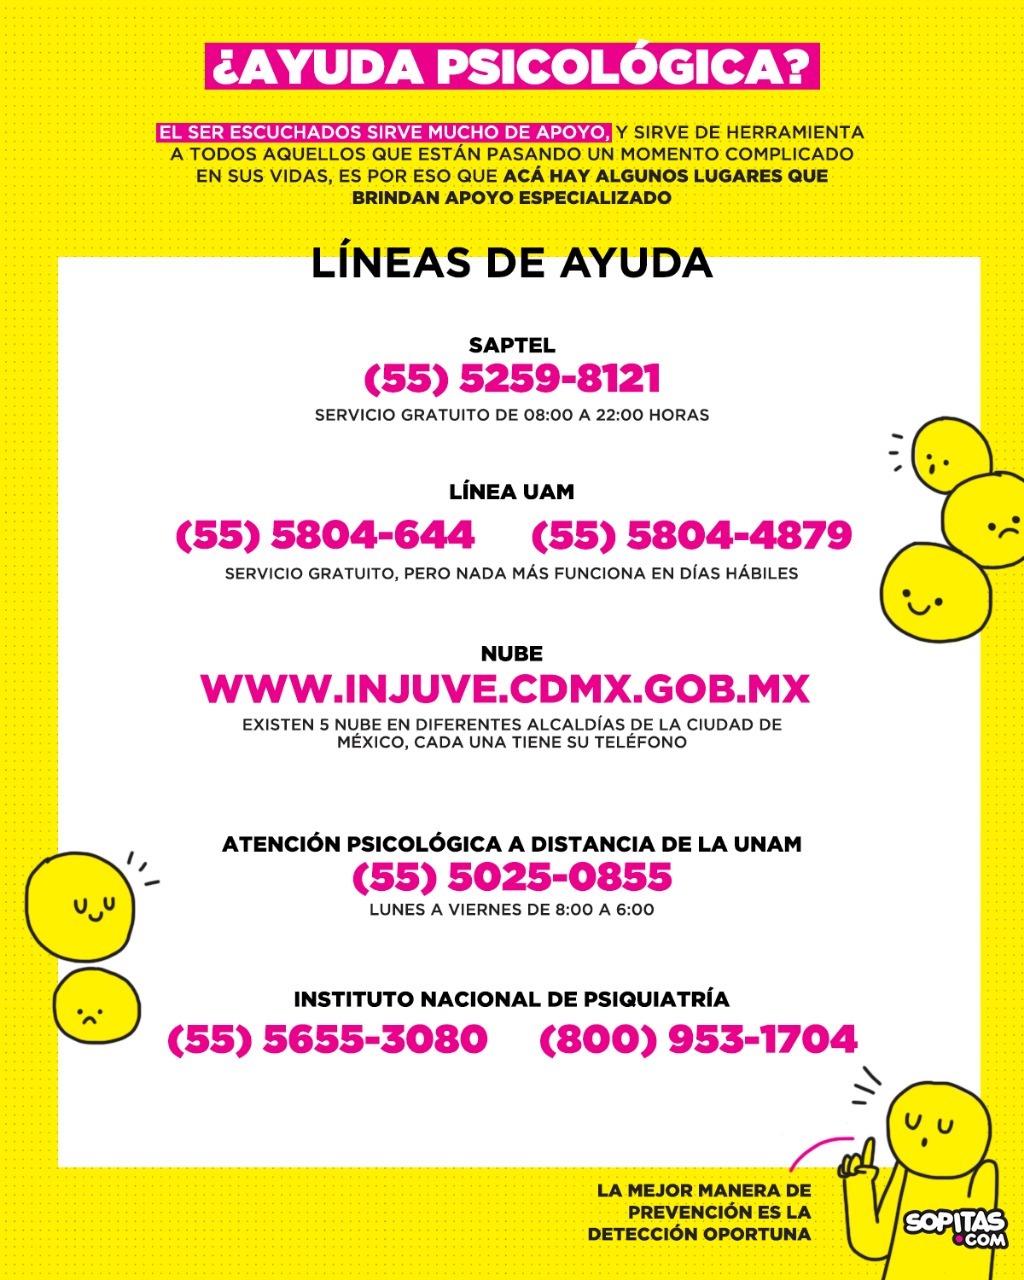 lineas-de-ayuda-apoyo-psicologico